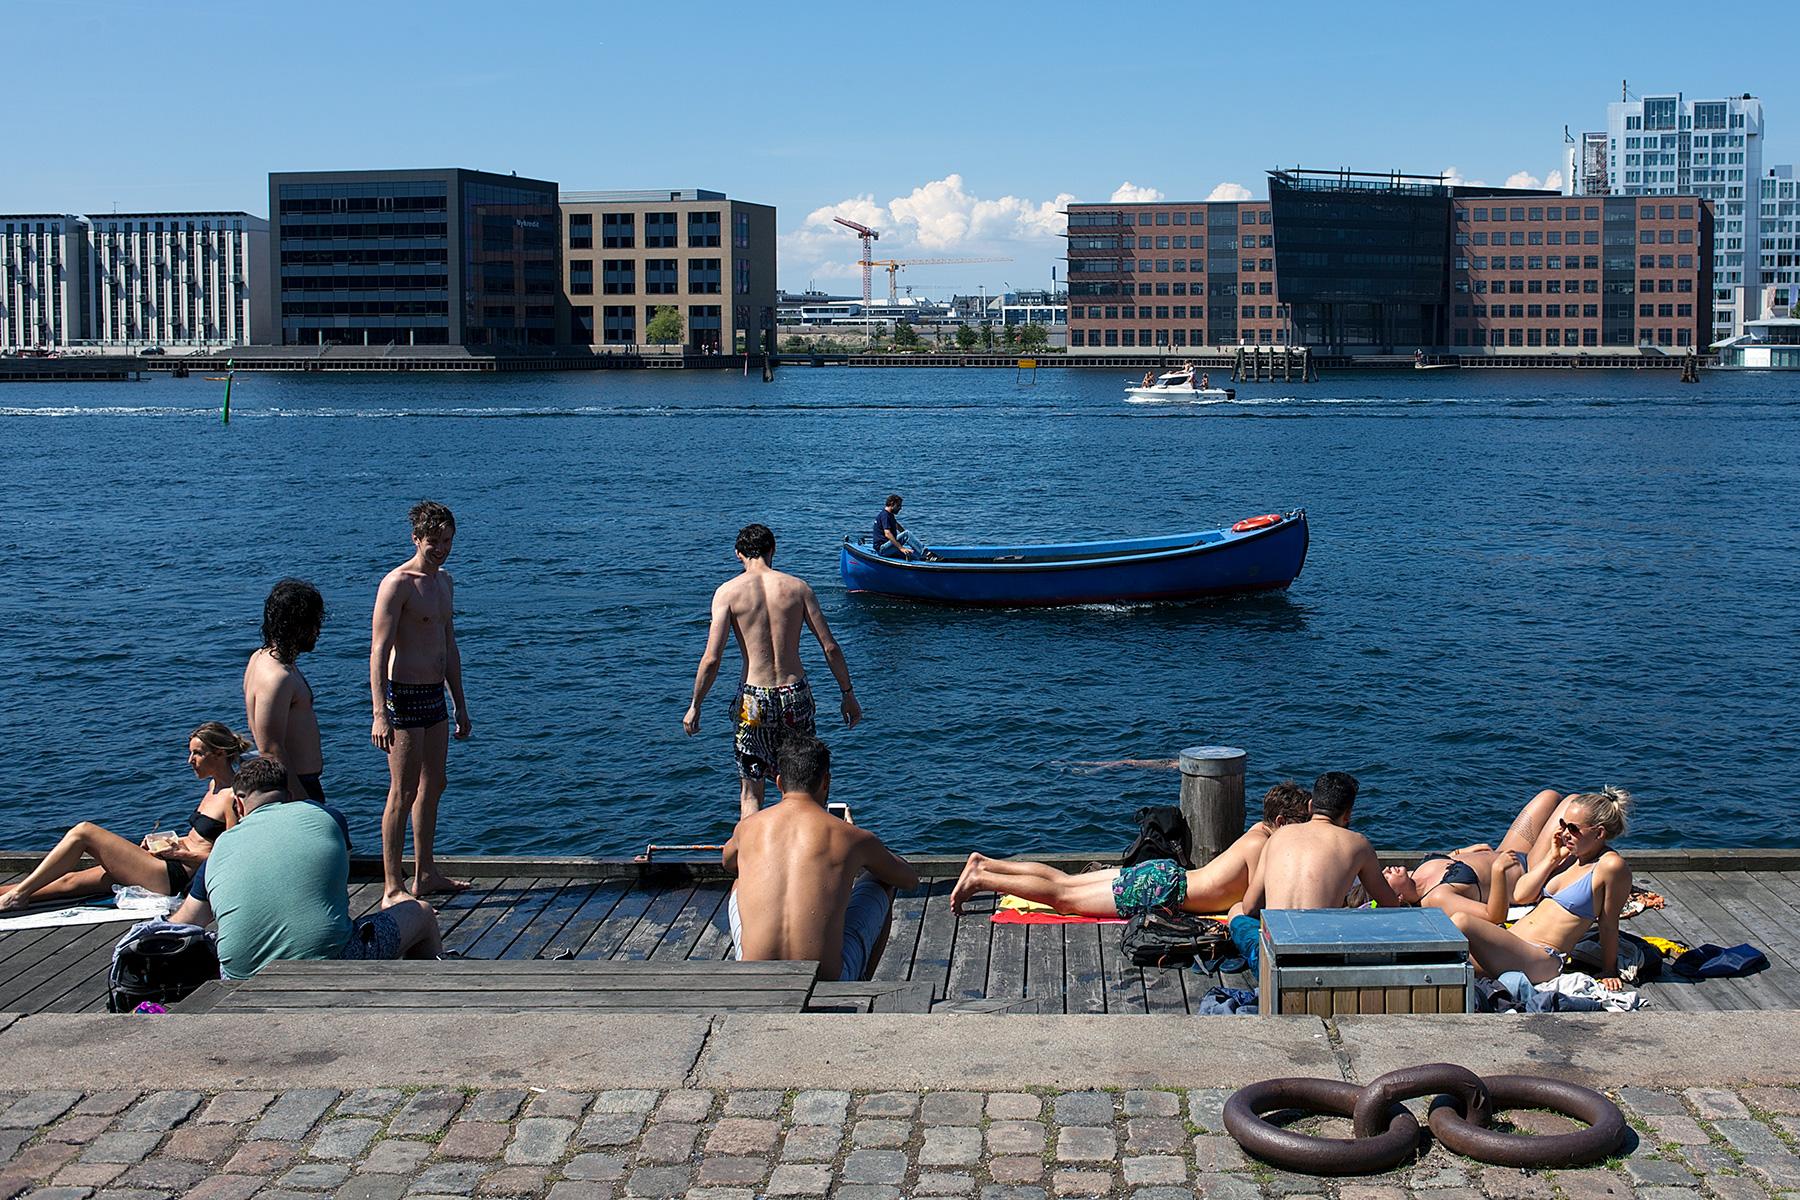 Gruppe sonnt sich am Fluss